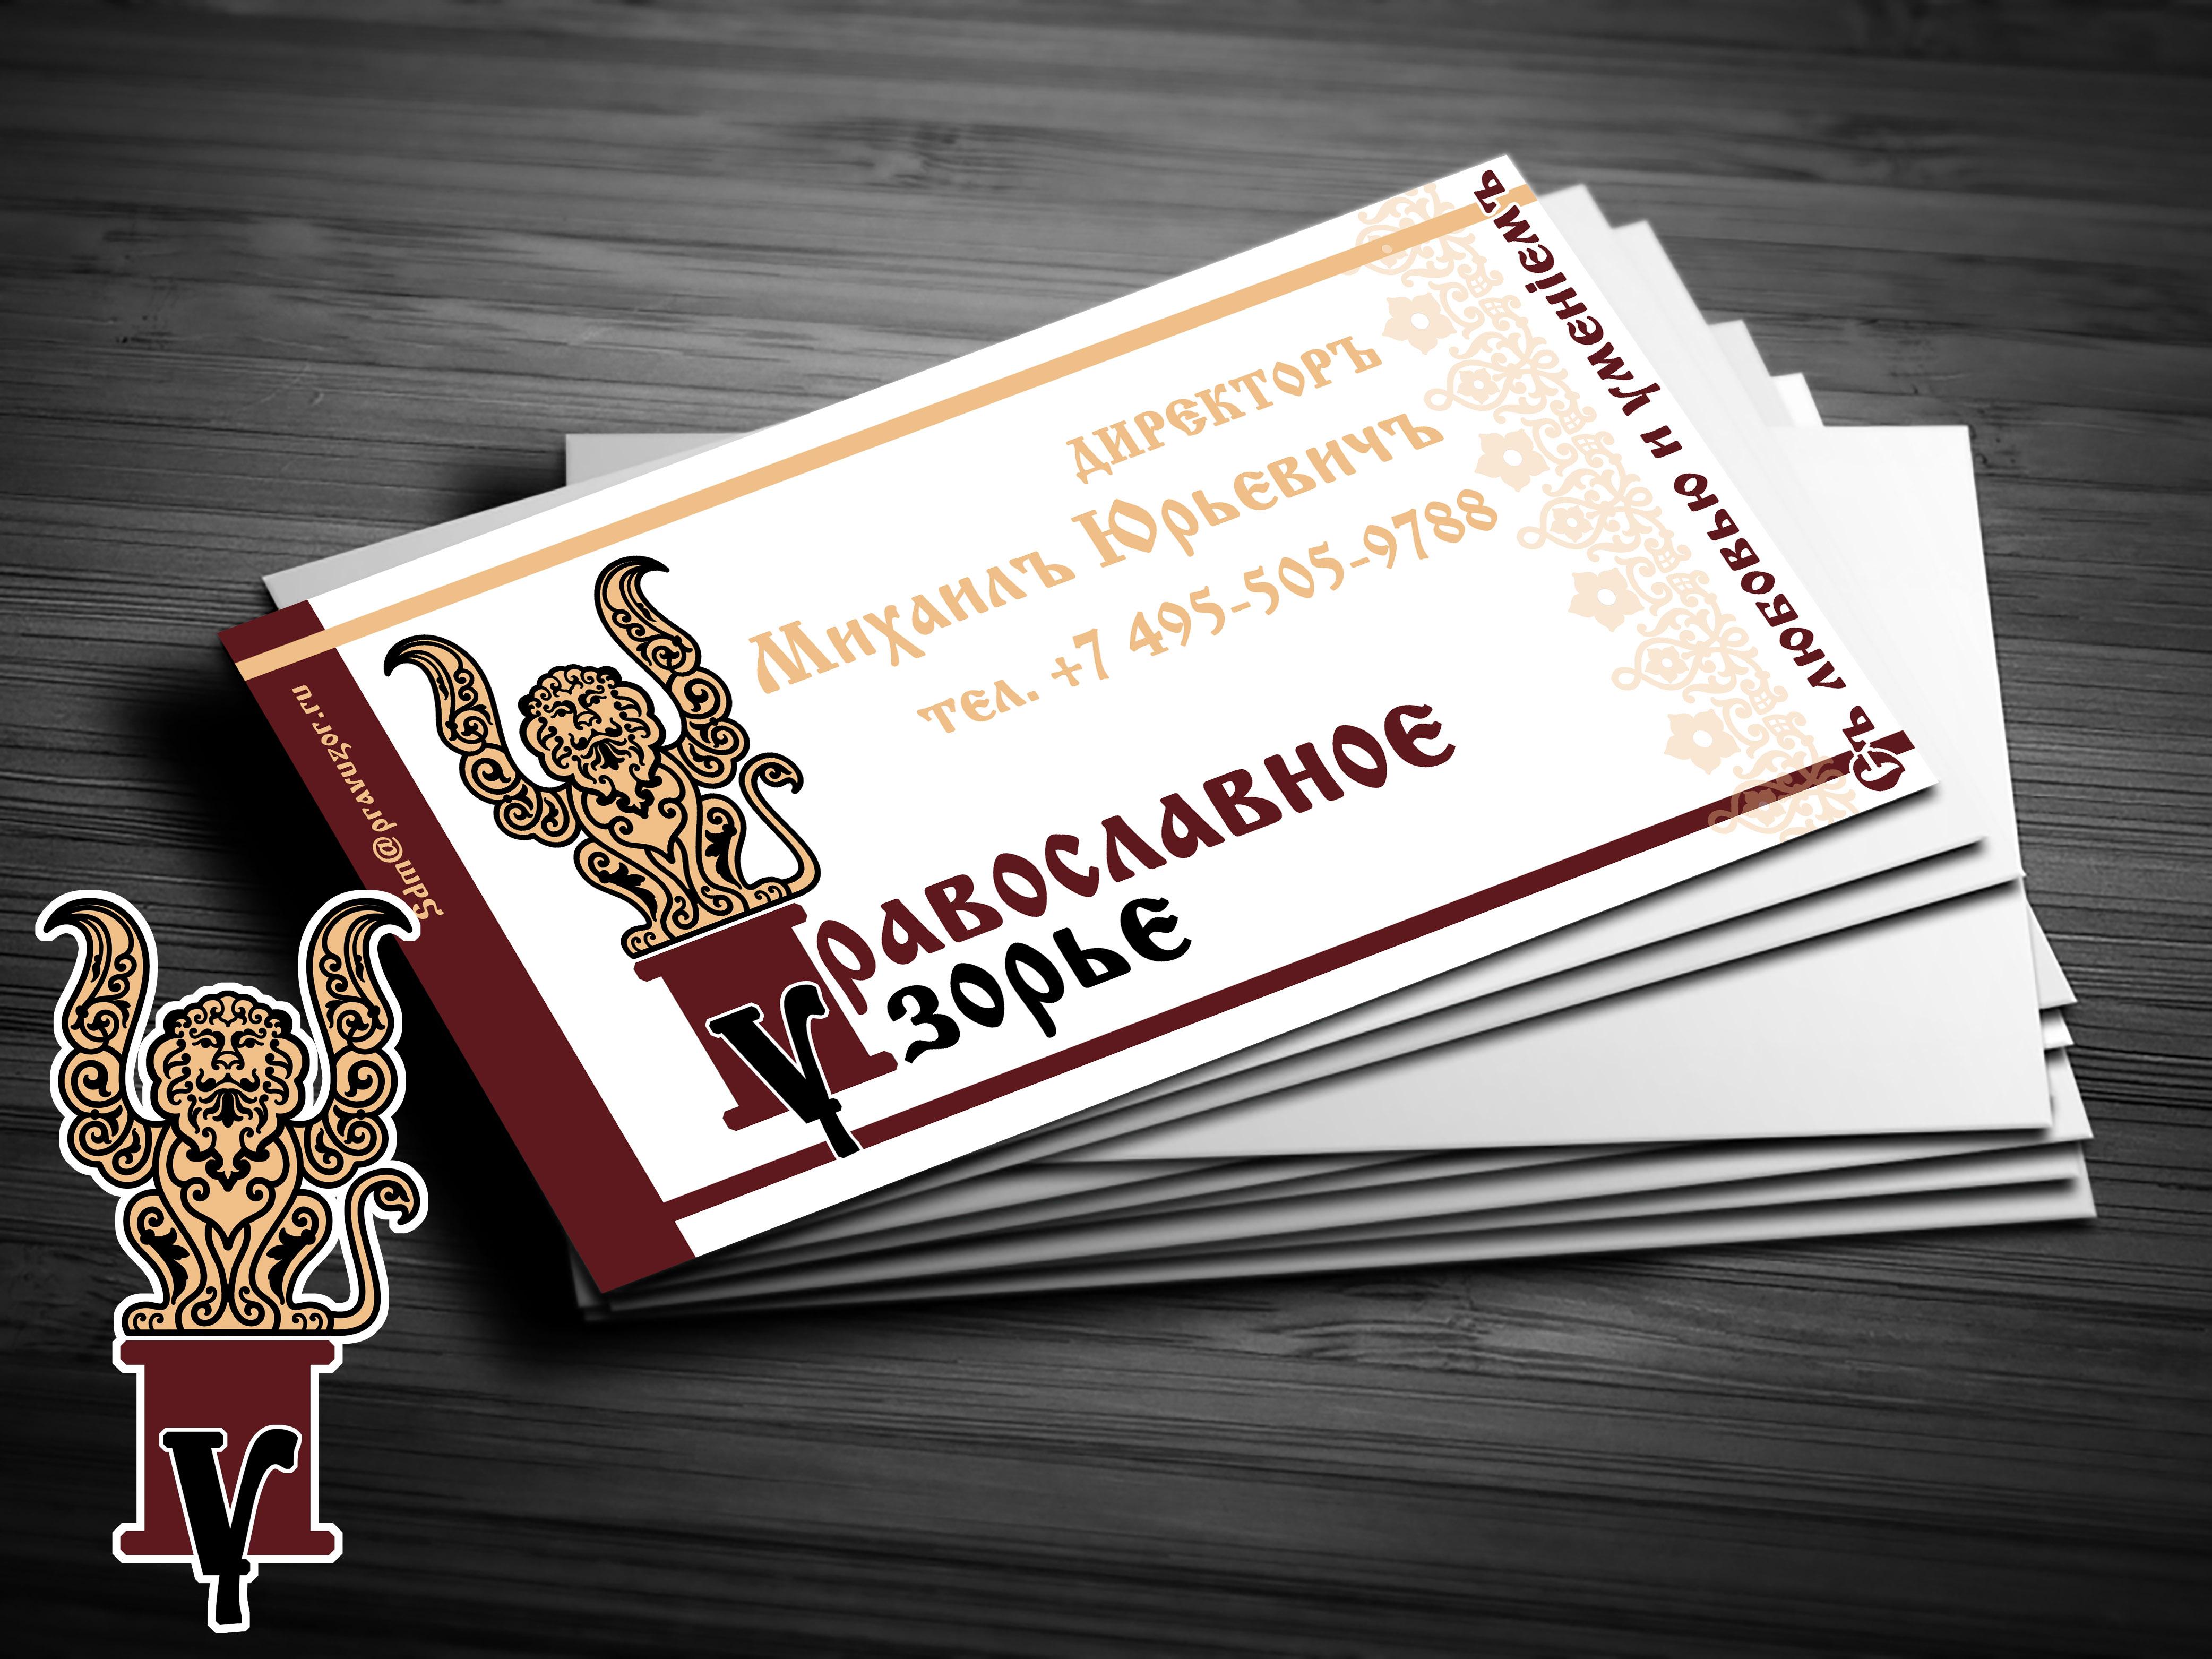 Логотип + визитка + сайт фото f_8105b03221adc278.jpg